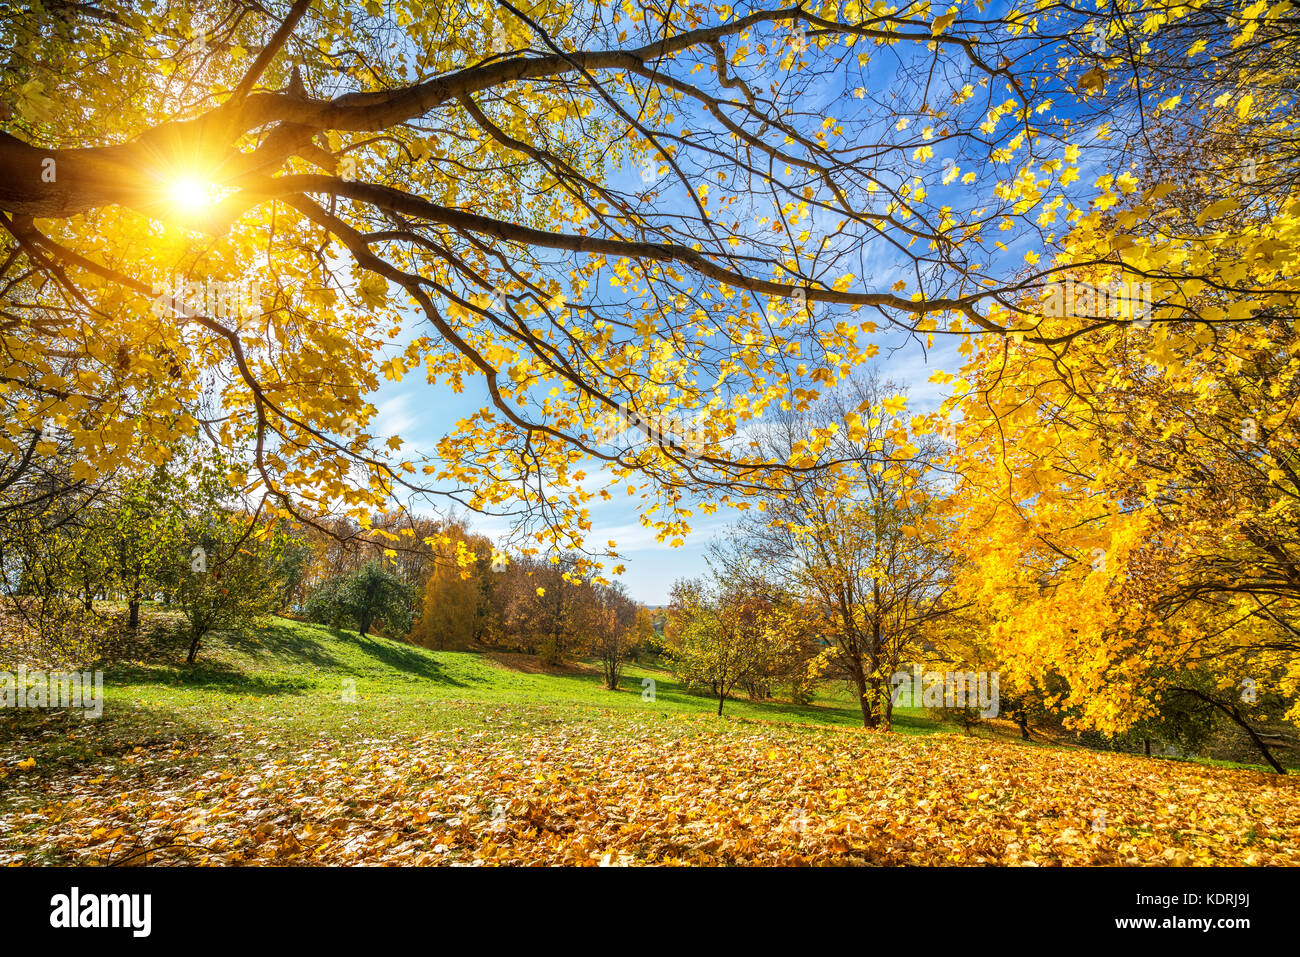 Dans la campagne ensoleillée d'automne Photo Stock